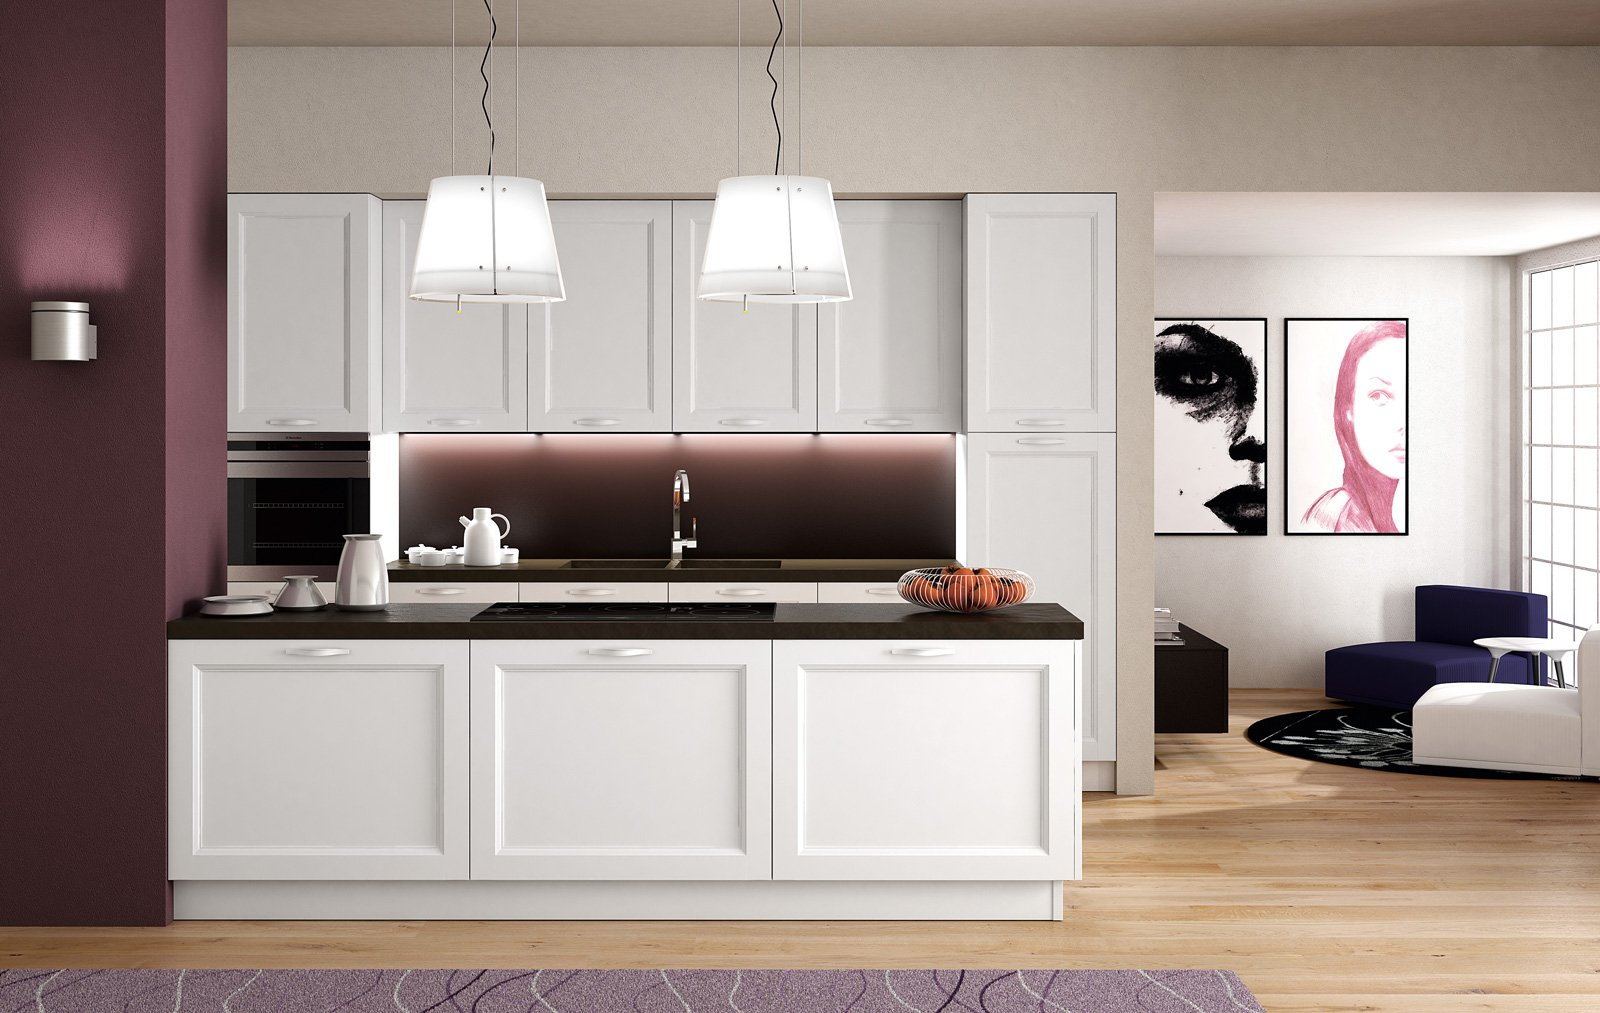 Cucine con piani in contrasto cose di casa - Piani cucina okite prezzi ...